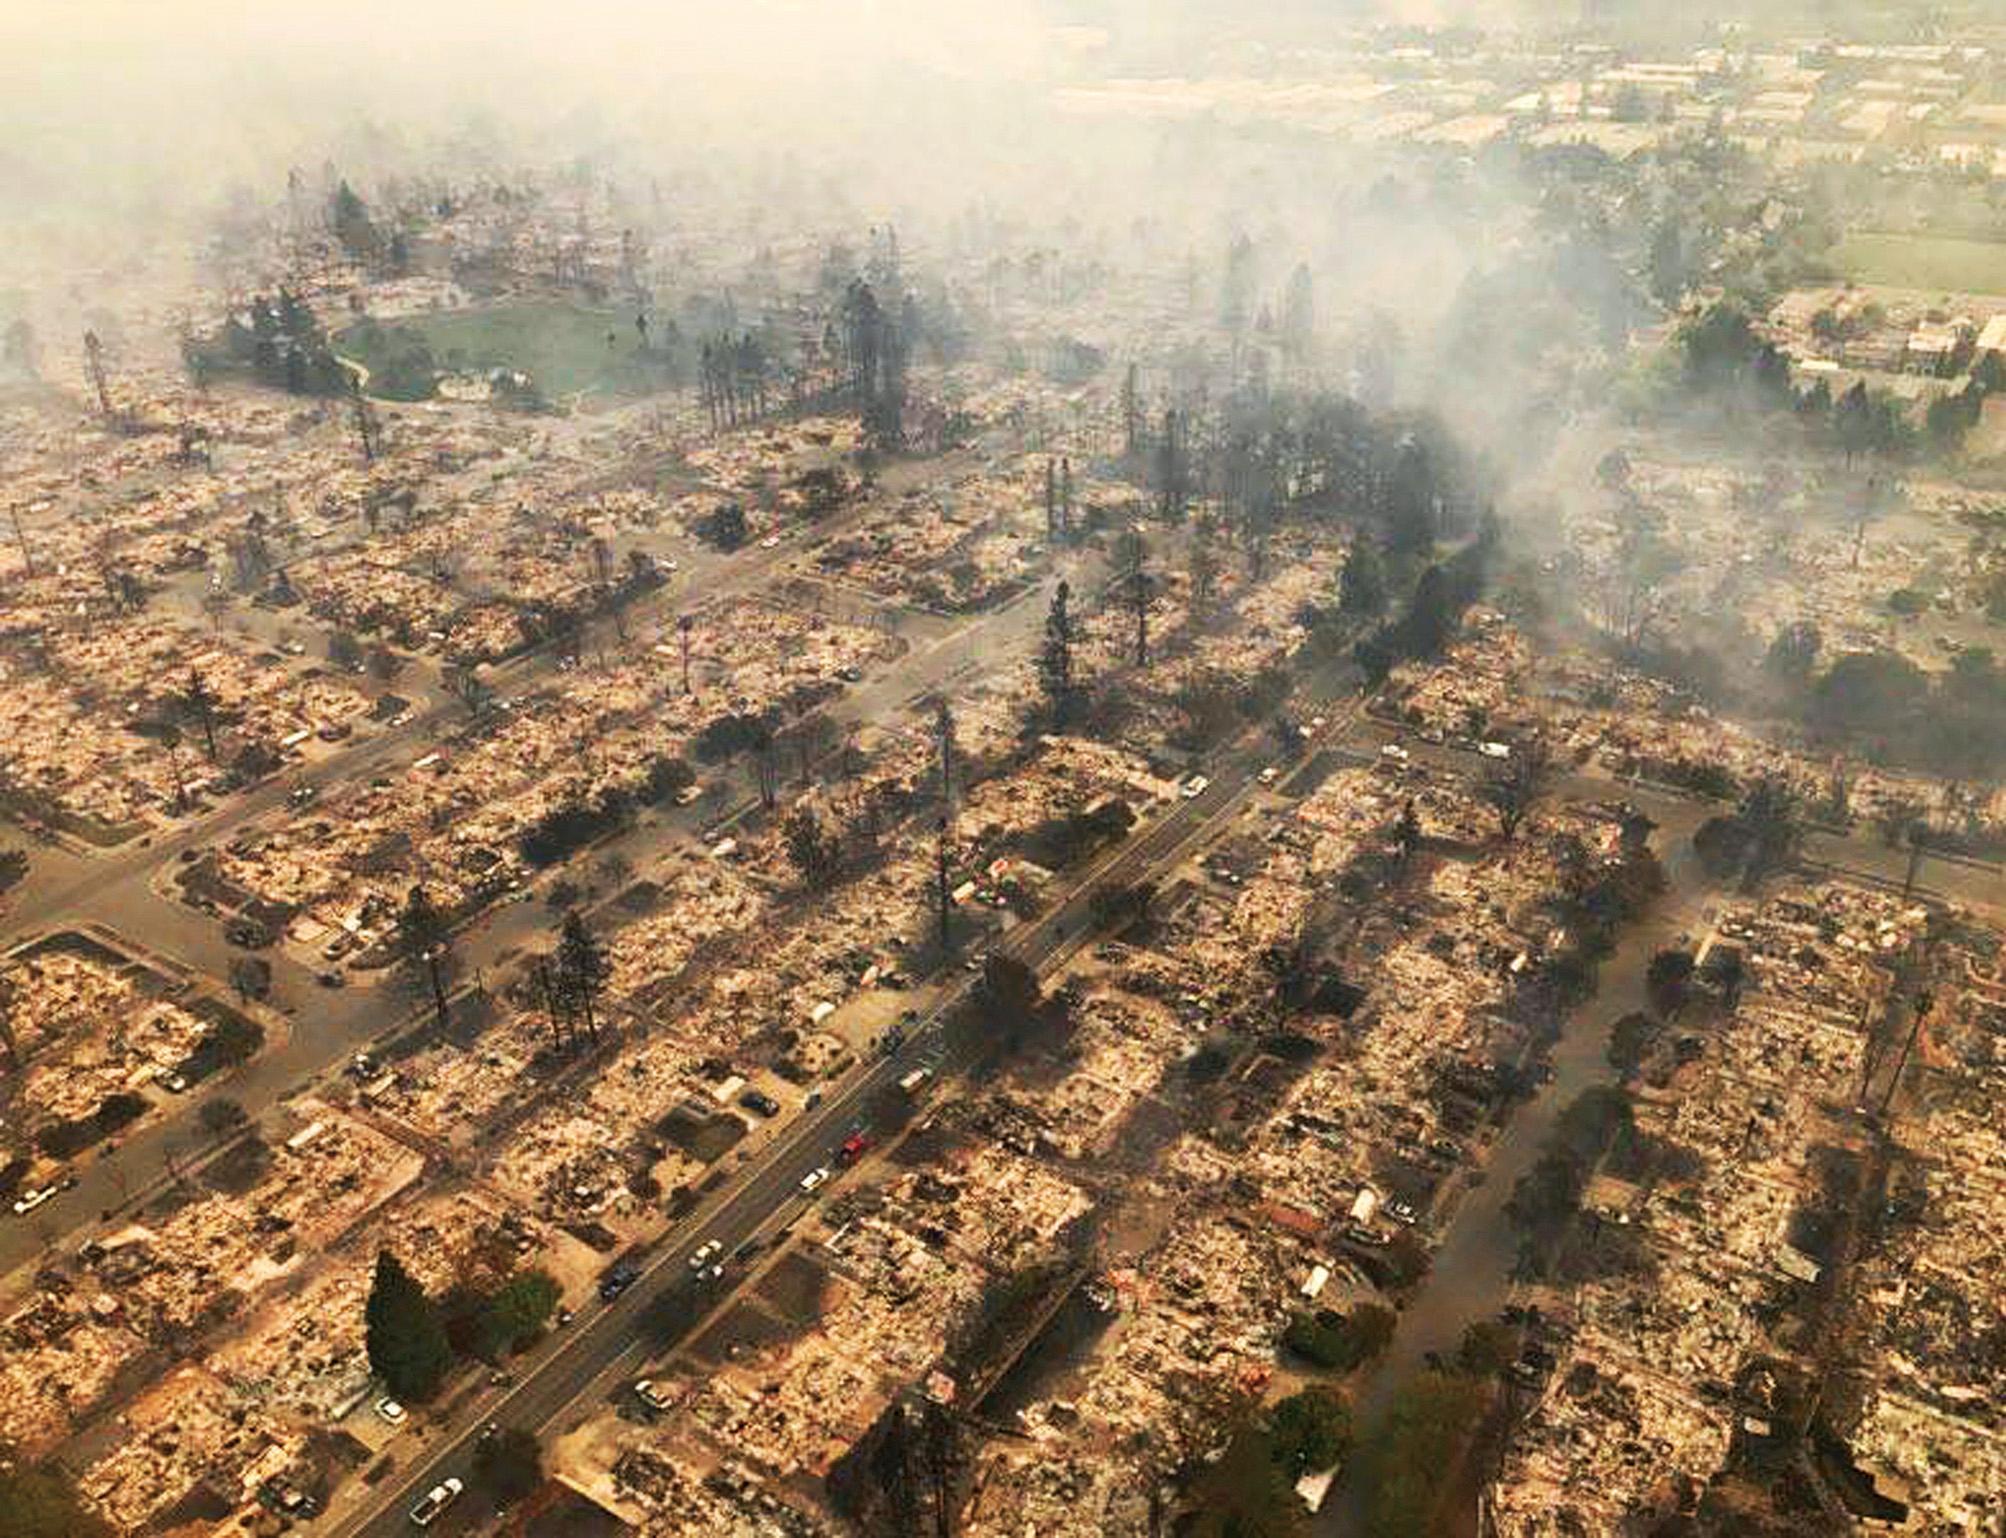 加州山火仍未受控